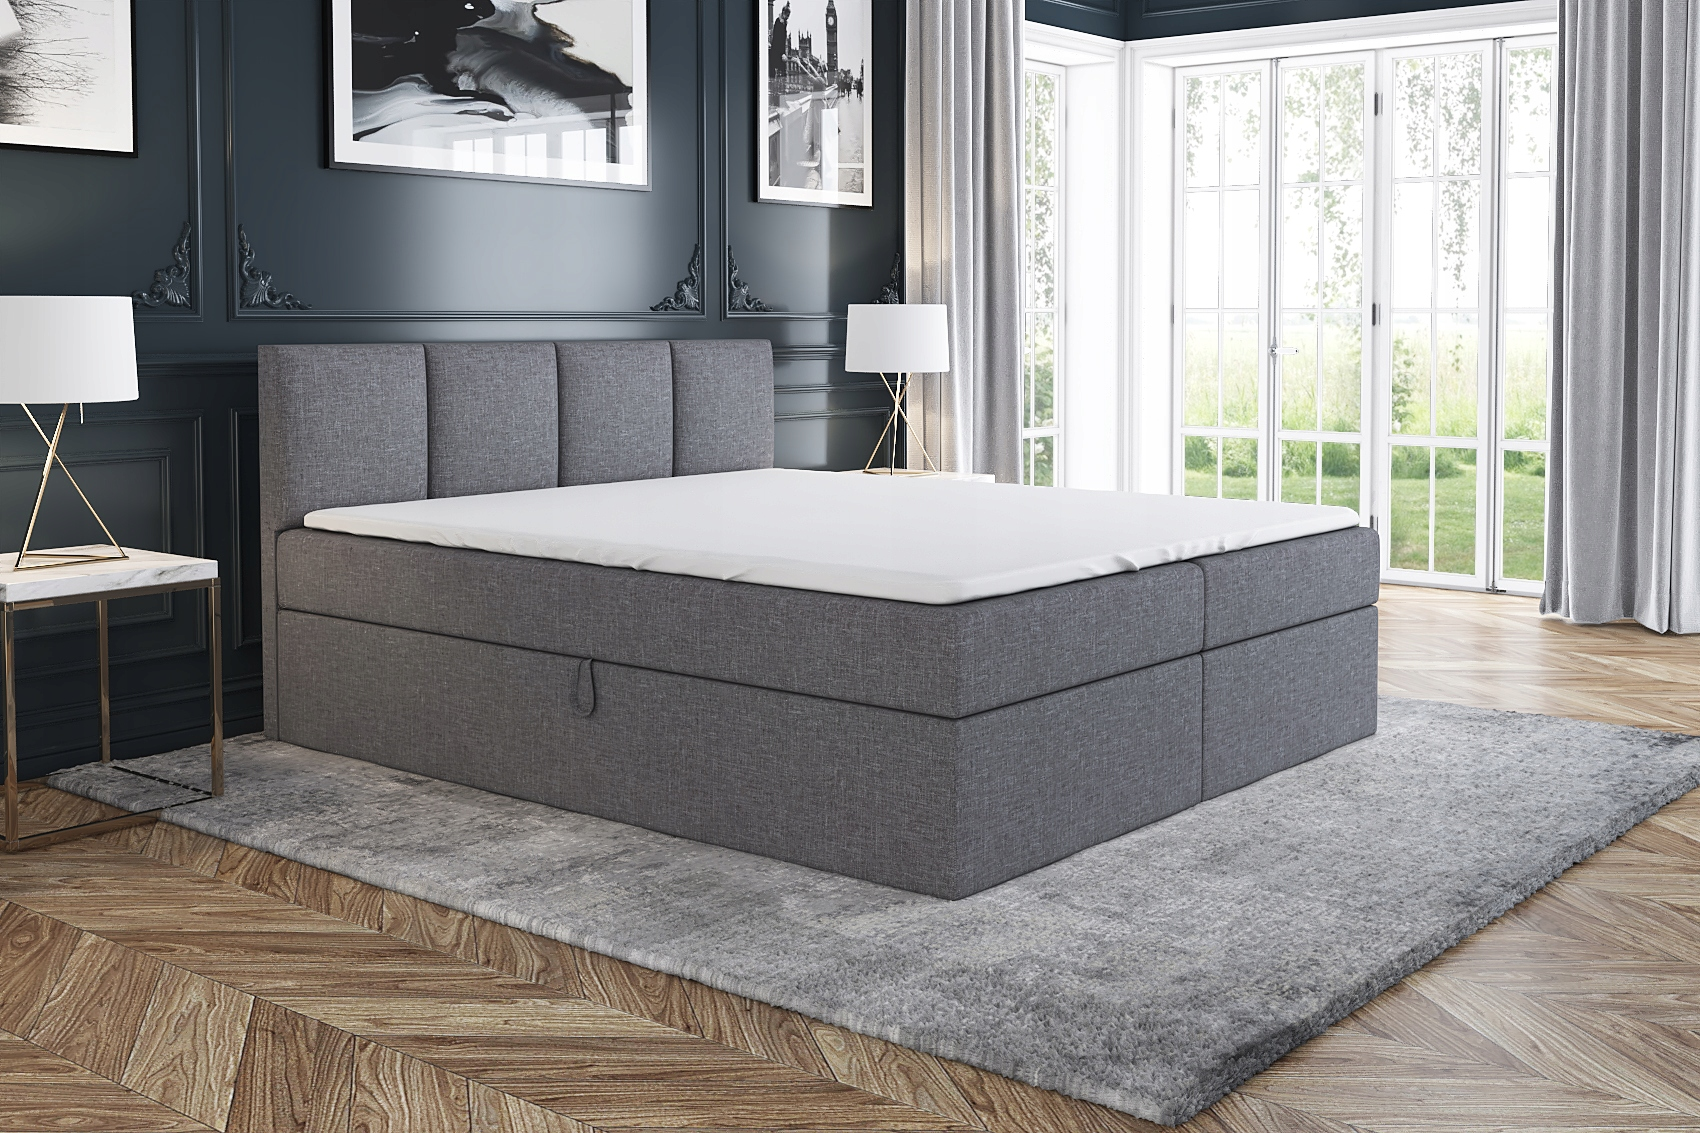 Łóżko Tapicerowane Kontynentalne RALF 160 materac